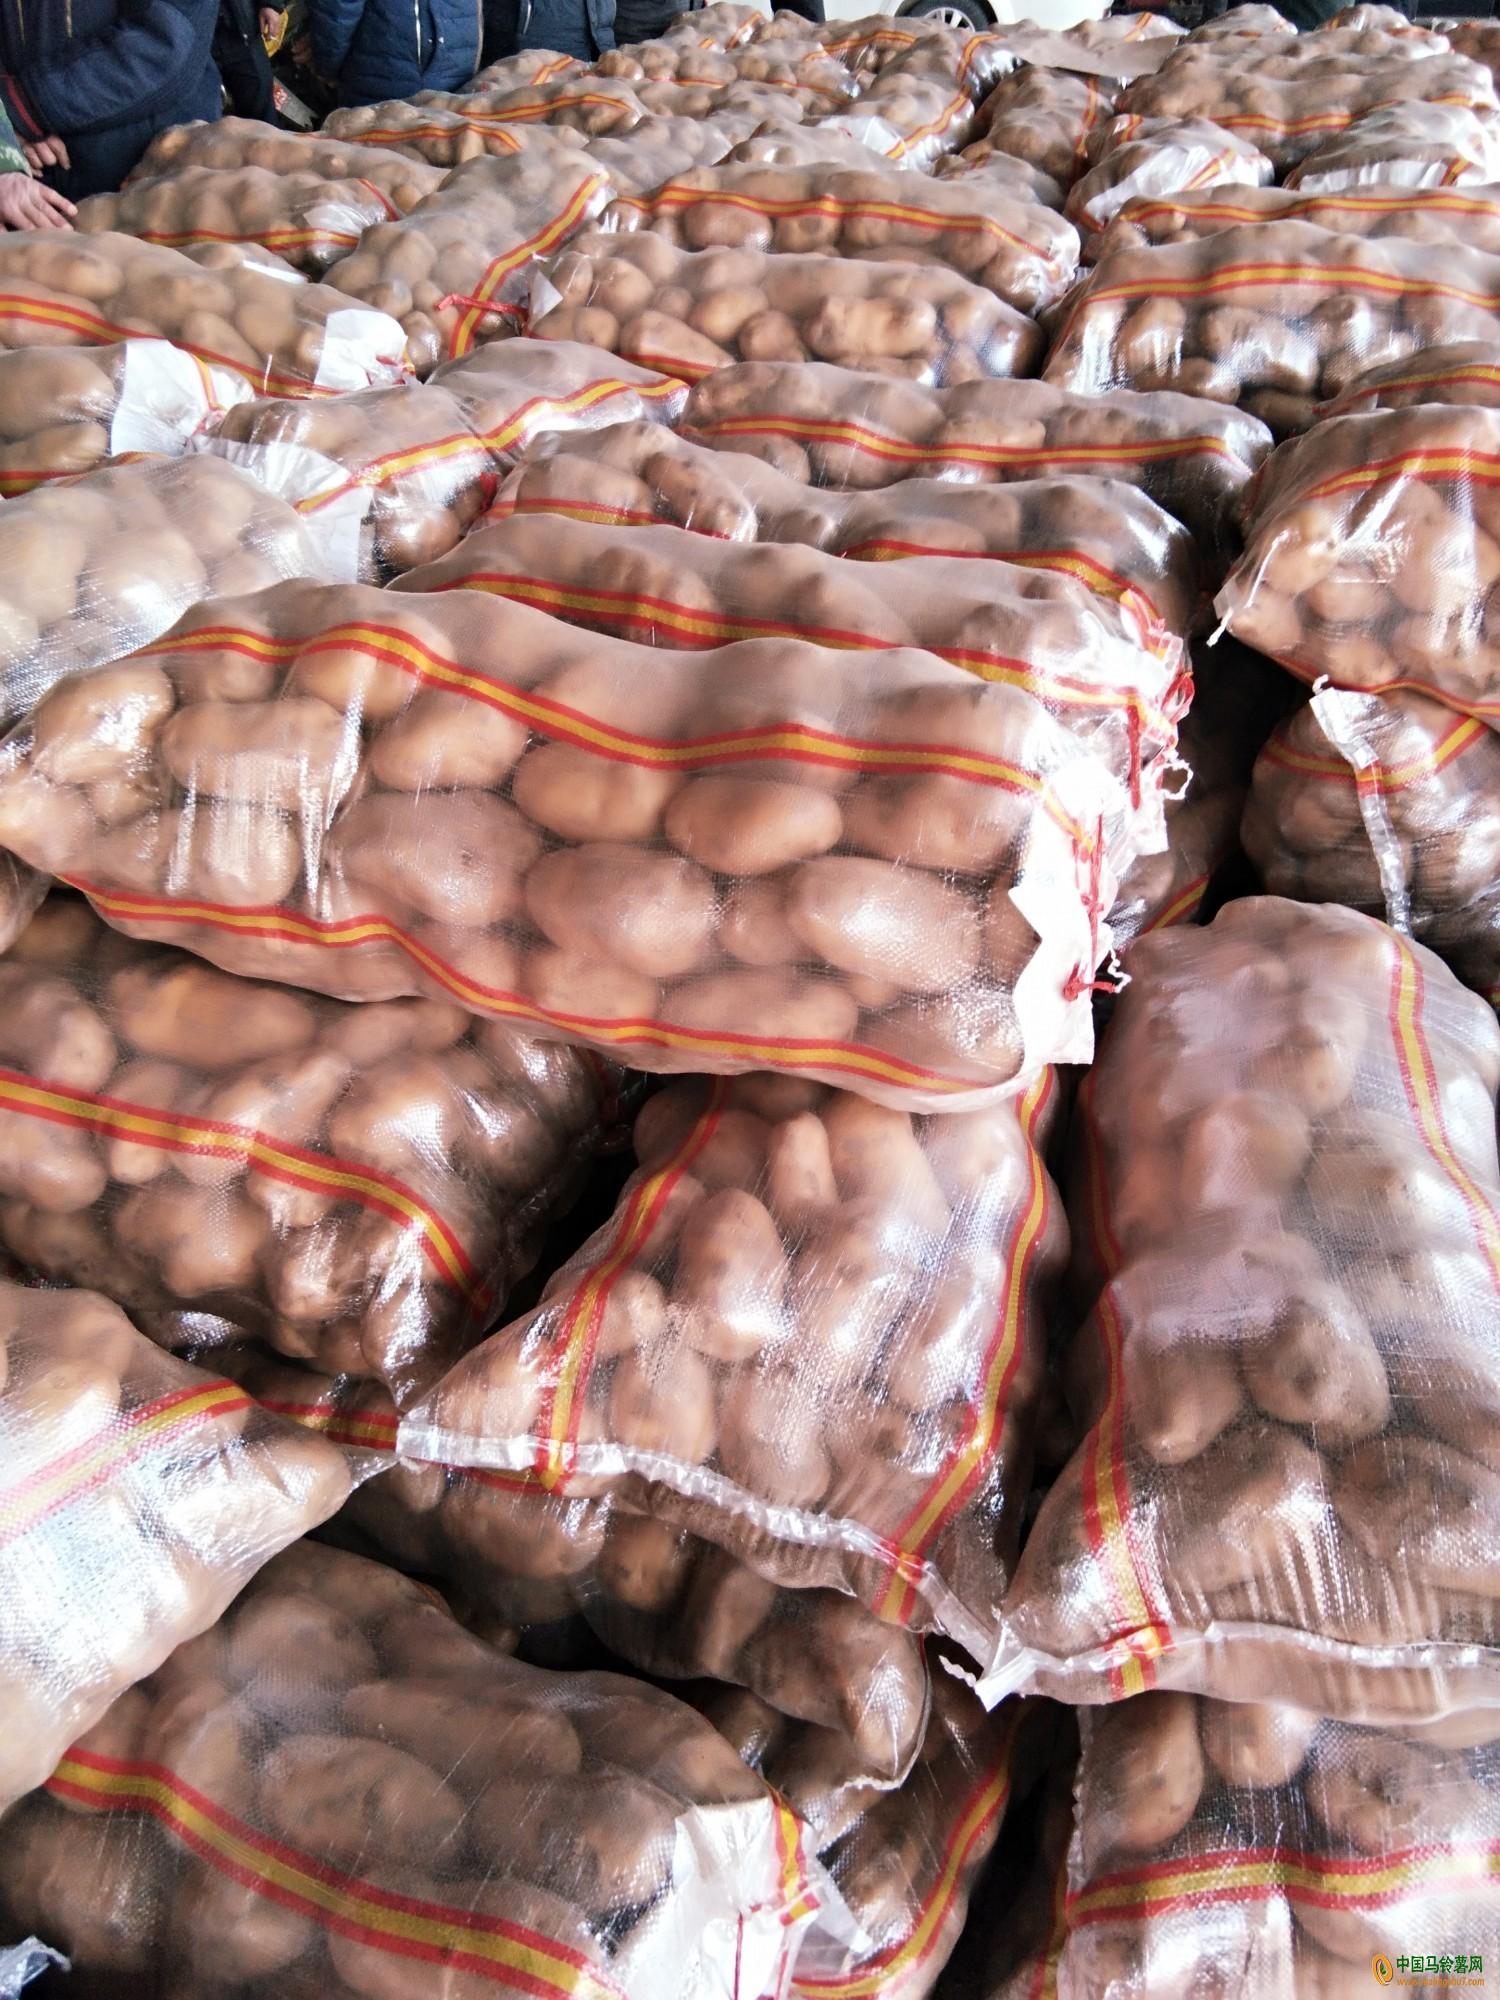 出售箱装袋装精加工土豆::联系电话:13561741399 ()